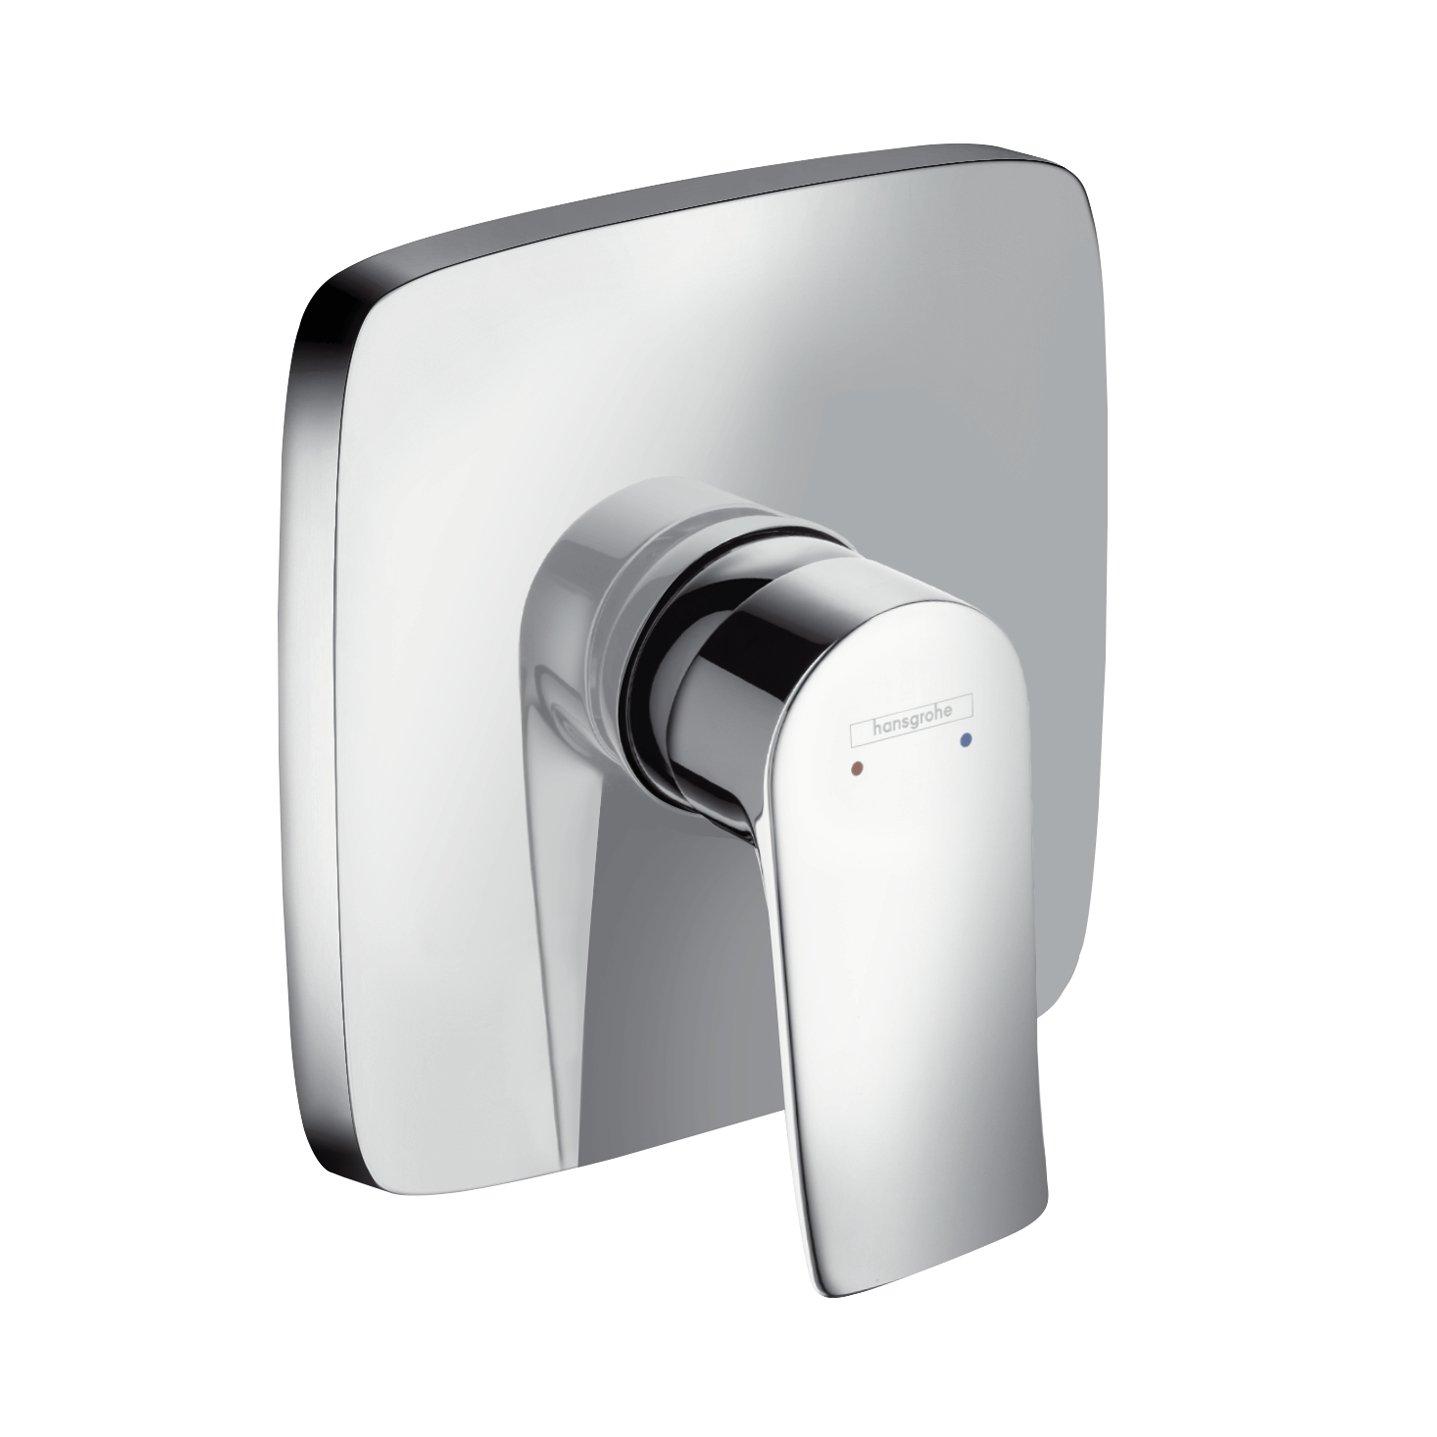 Hansgrohe 31493000 Metris Set de finition pour mitigeur bain/douche encastré Chromé Hansgrohe^hansgrohe